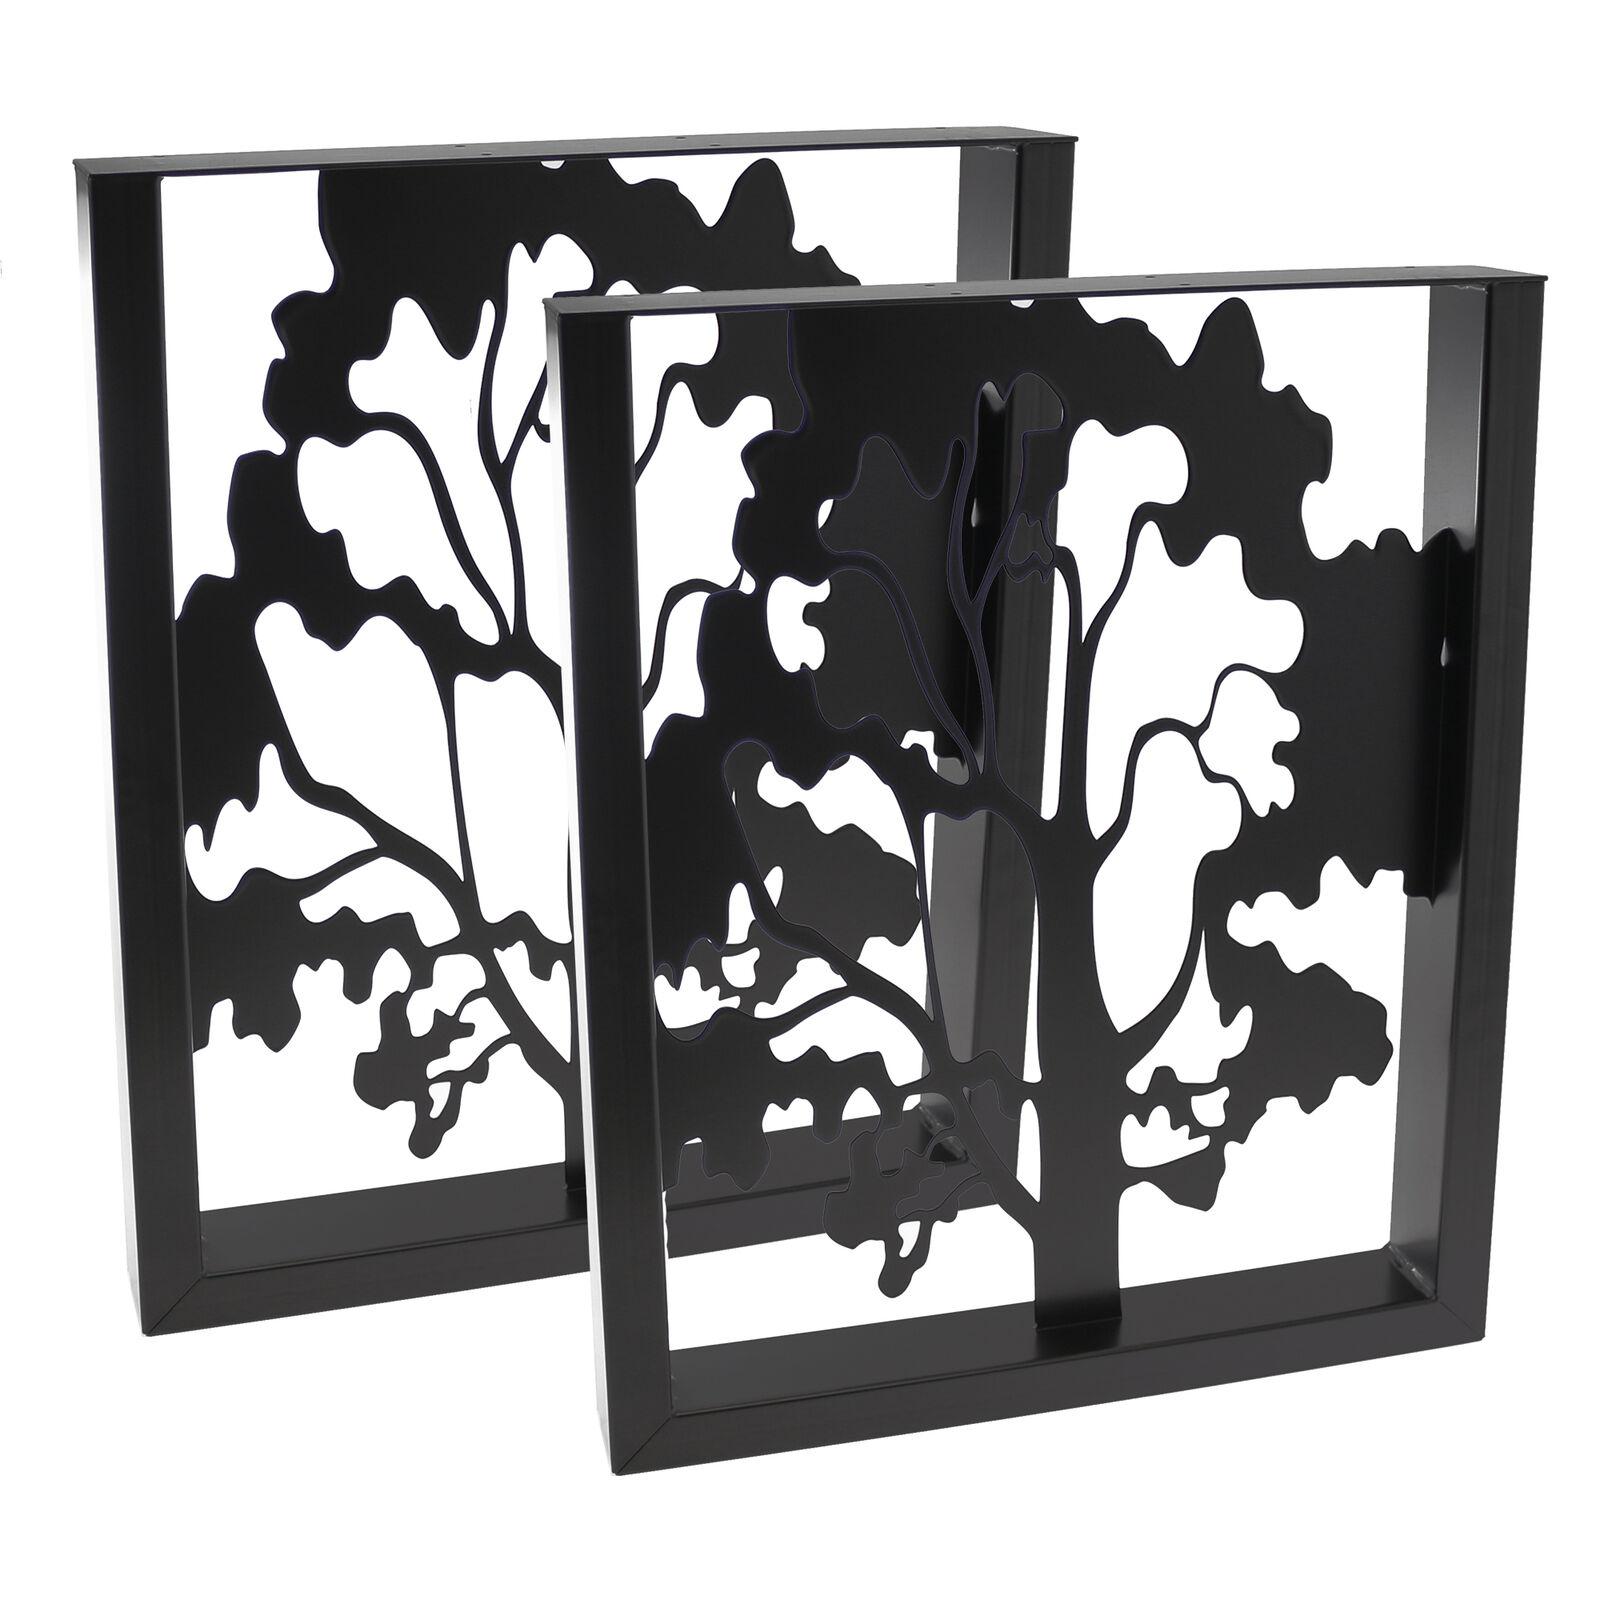 2x Tischbeine Tischgestell U Tisch Esstisch mit Baum Home Liebe Dekoration Deko